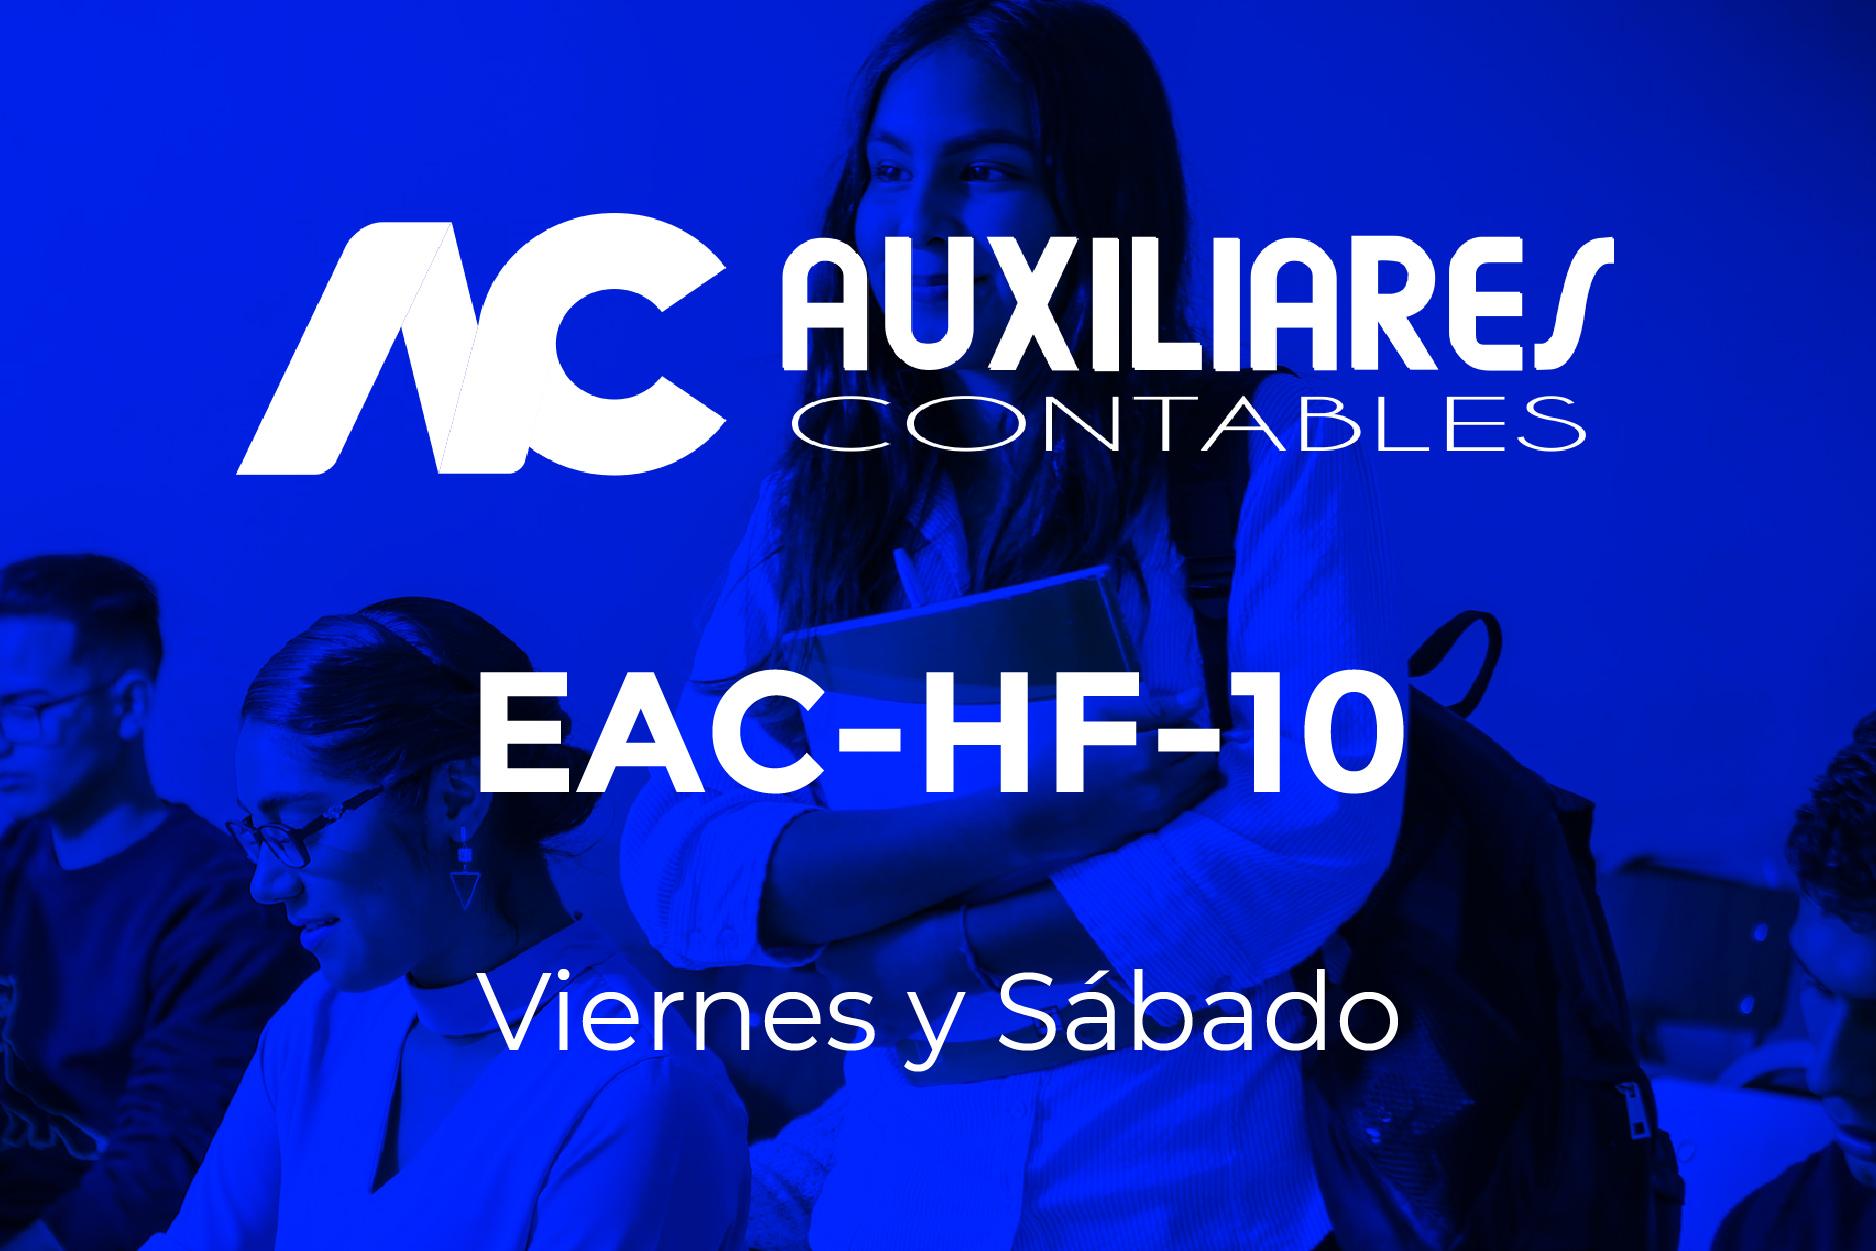 10 - AUXILIARES CONTABLES - VIERNES Y SÁBADO